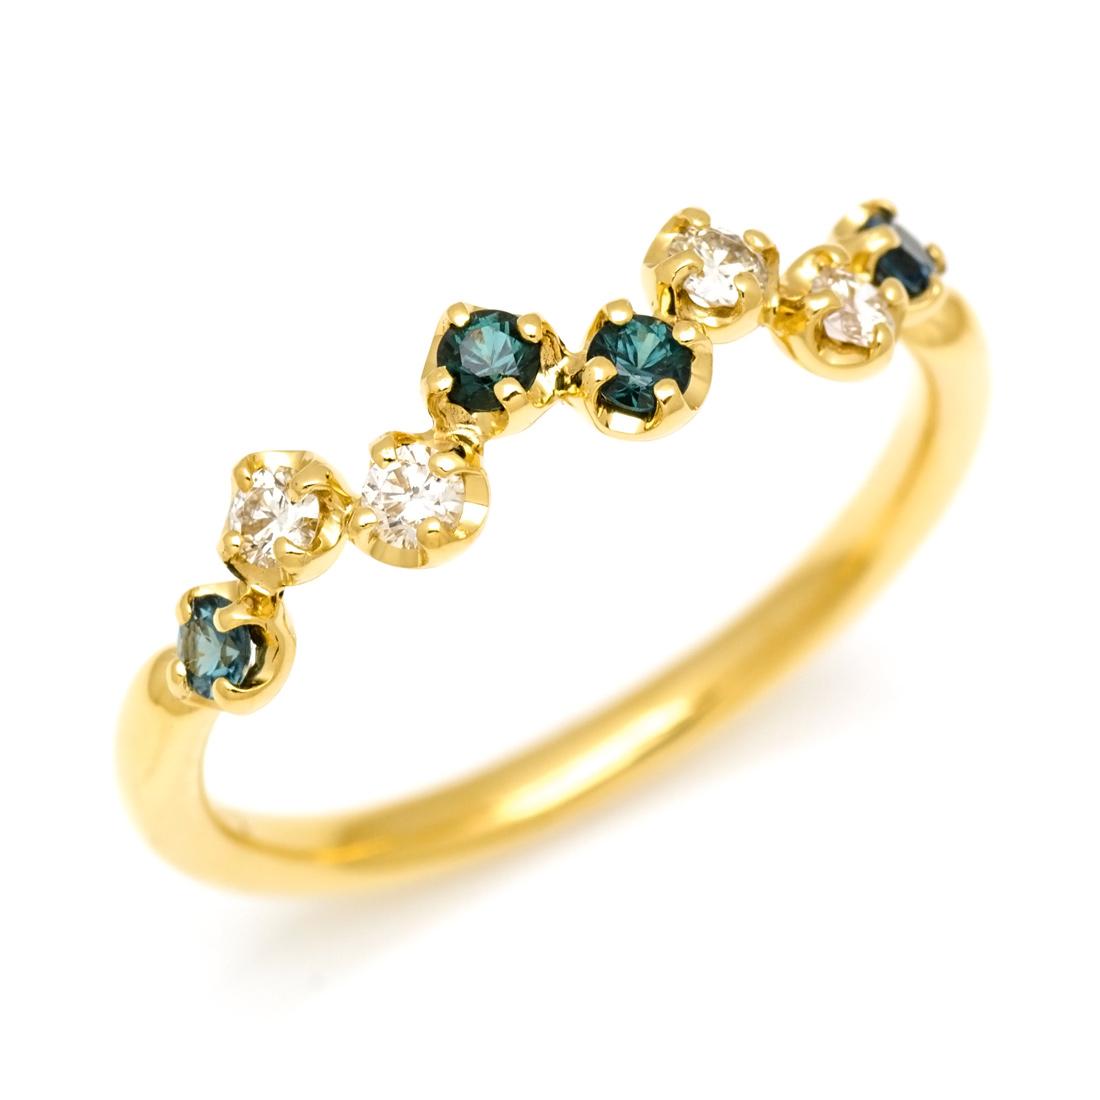 リング カラーチェンジガーネット ダイヤモンド ゴールド K18 「stellato」